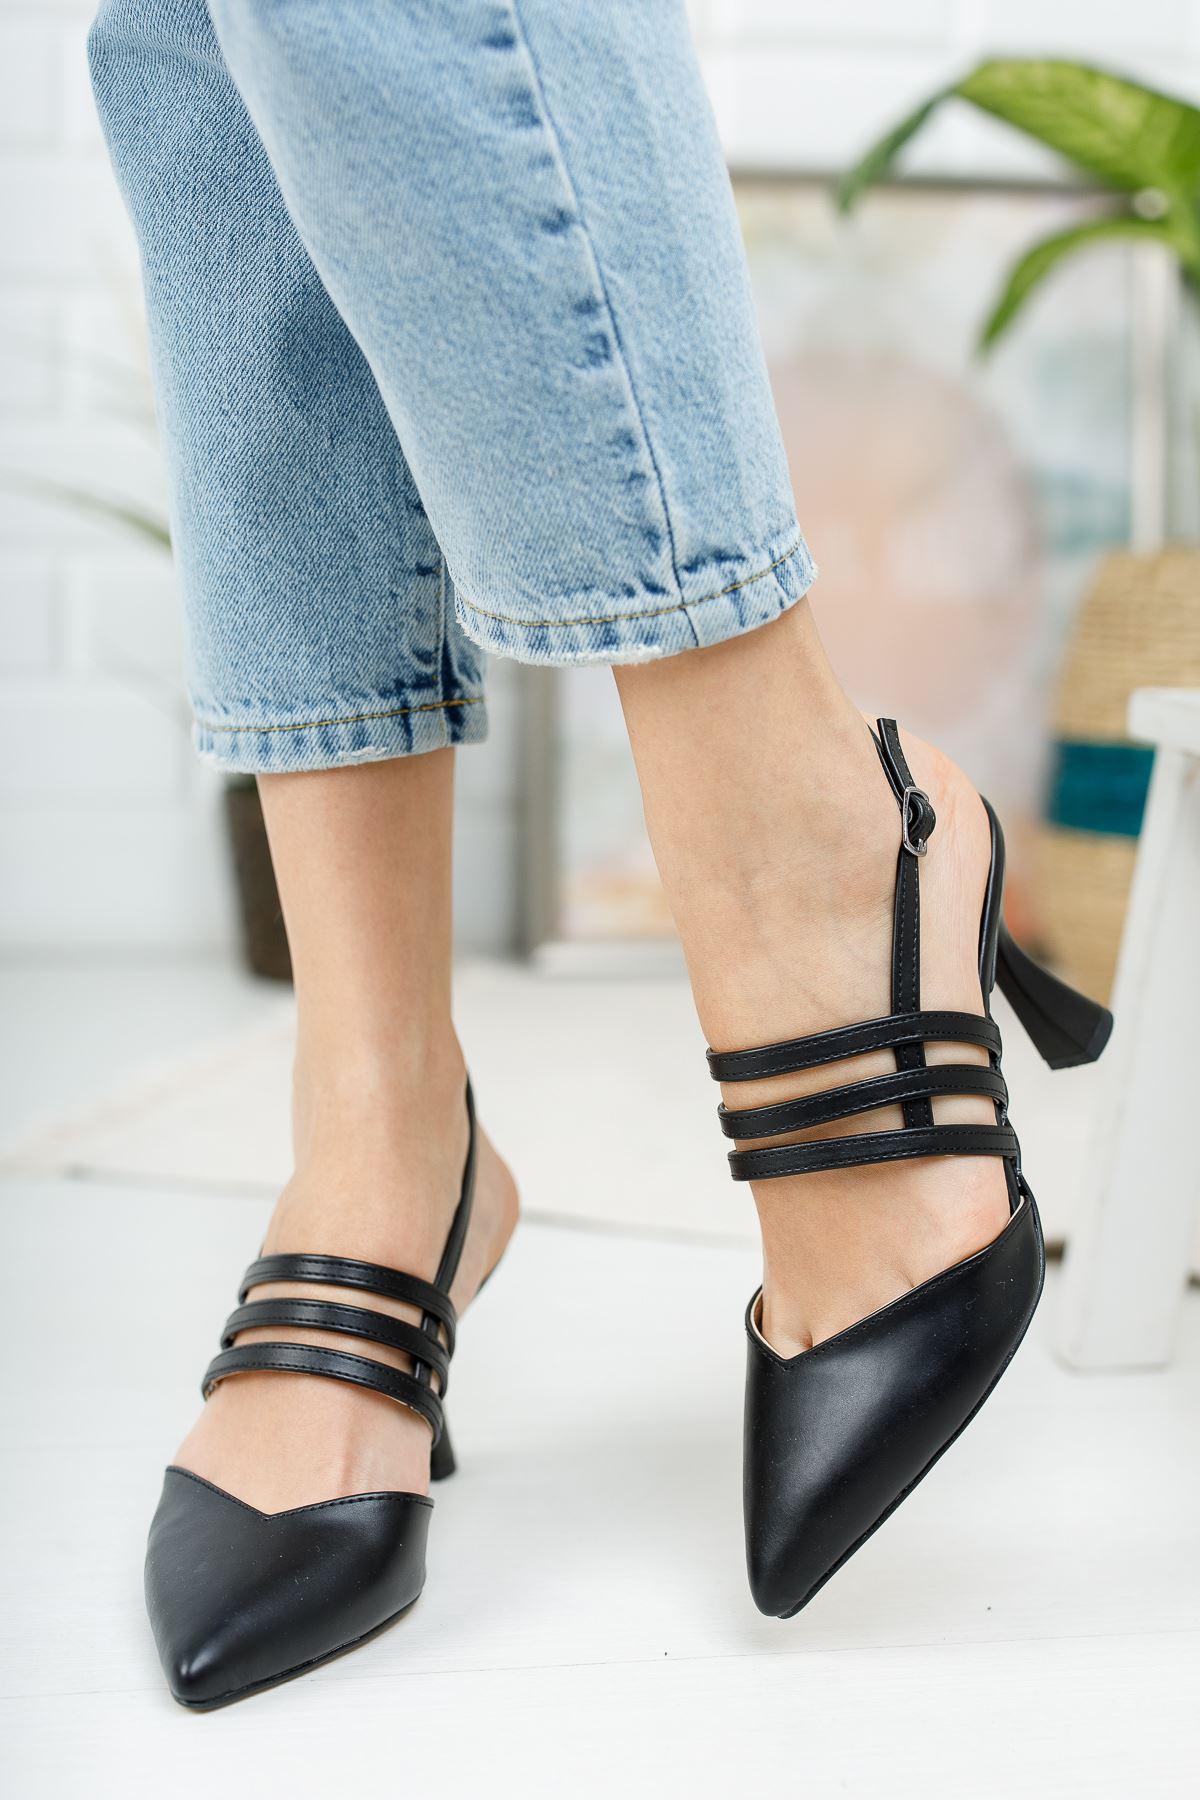 Kadın Minta Sivri Burun Mat Deri Siyah Kadeh Topuklu Ayakkabı